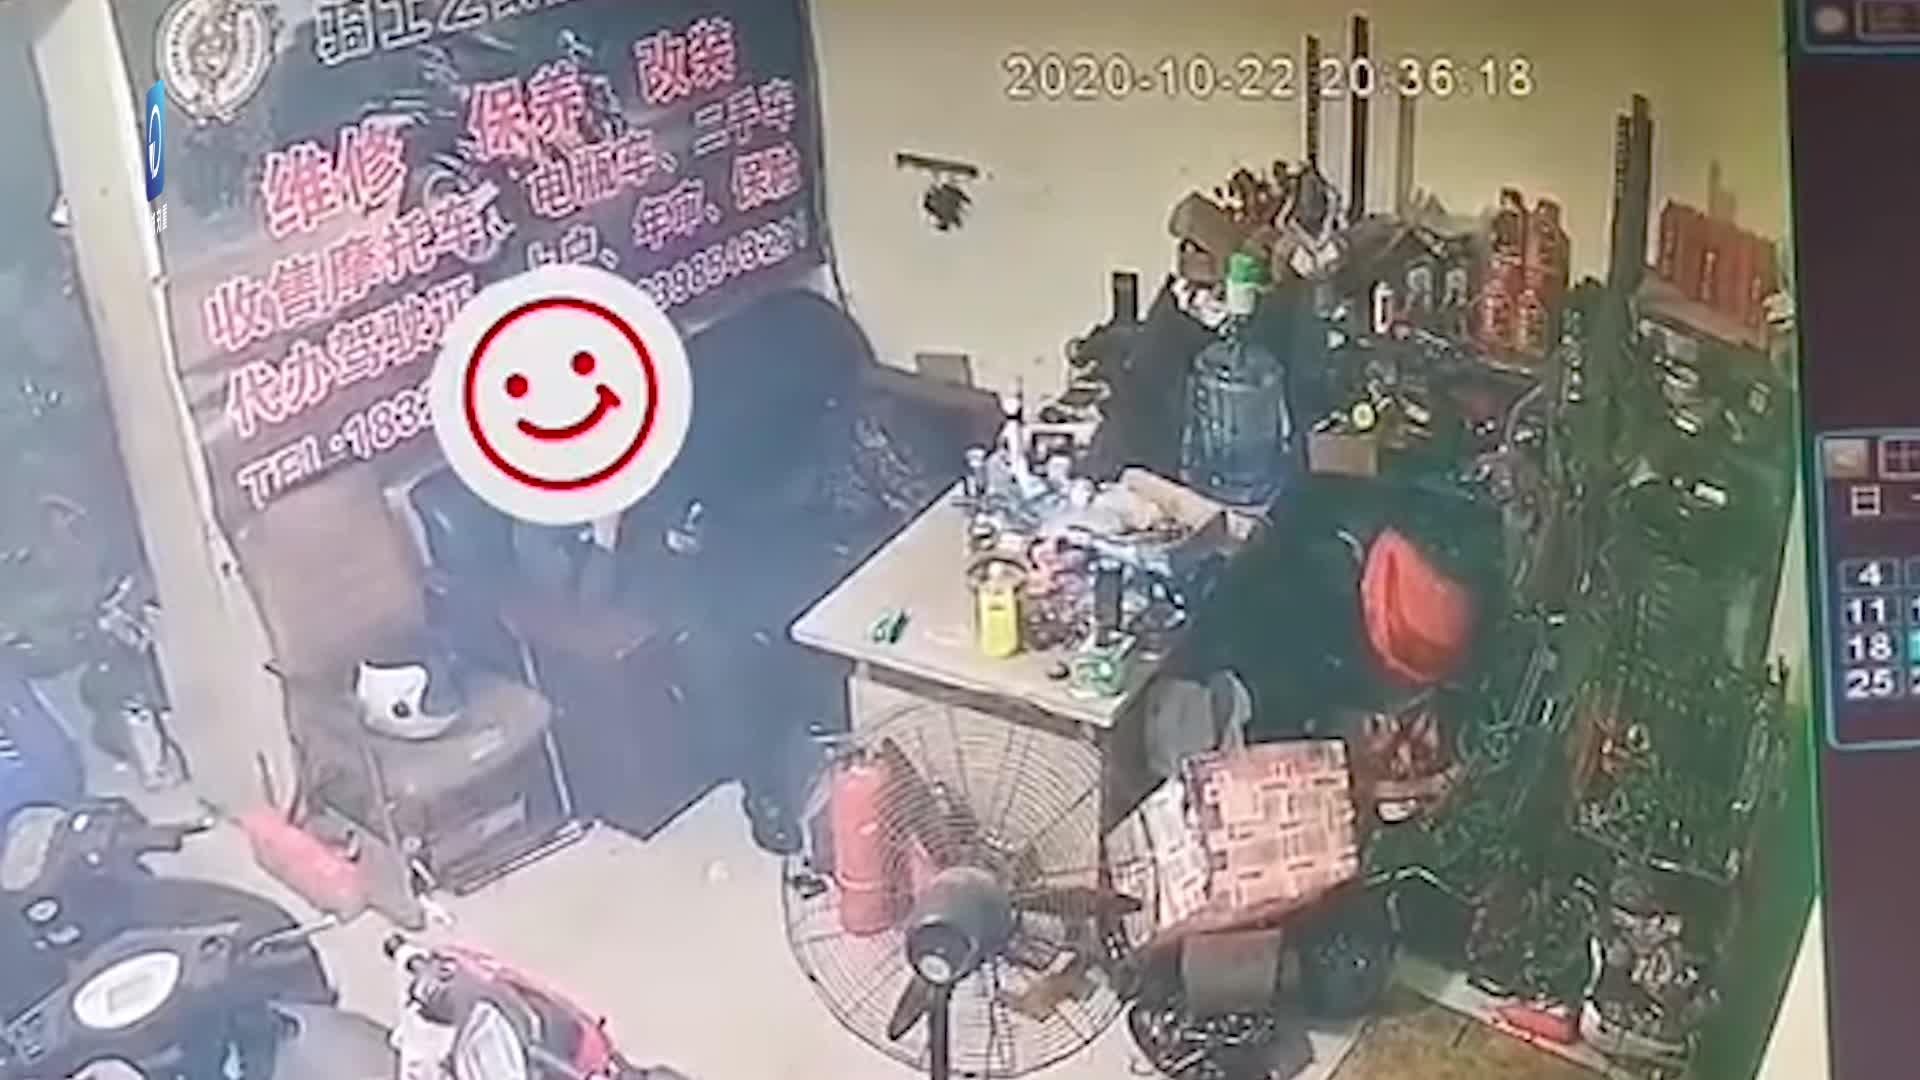 男子偷走价值3000元手表 事后害怕被抓竟直接将手表扔掉